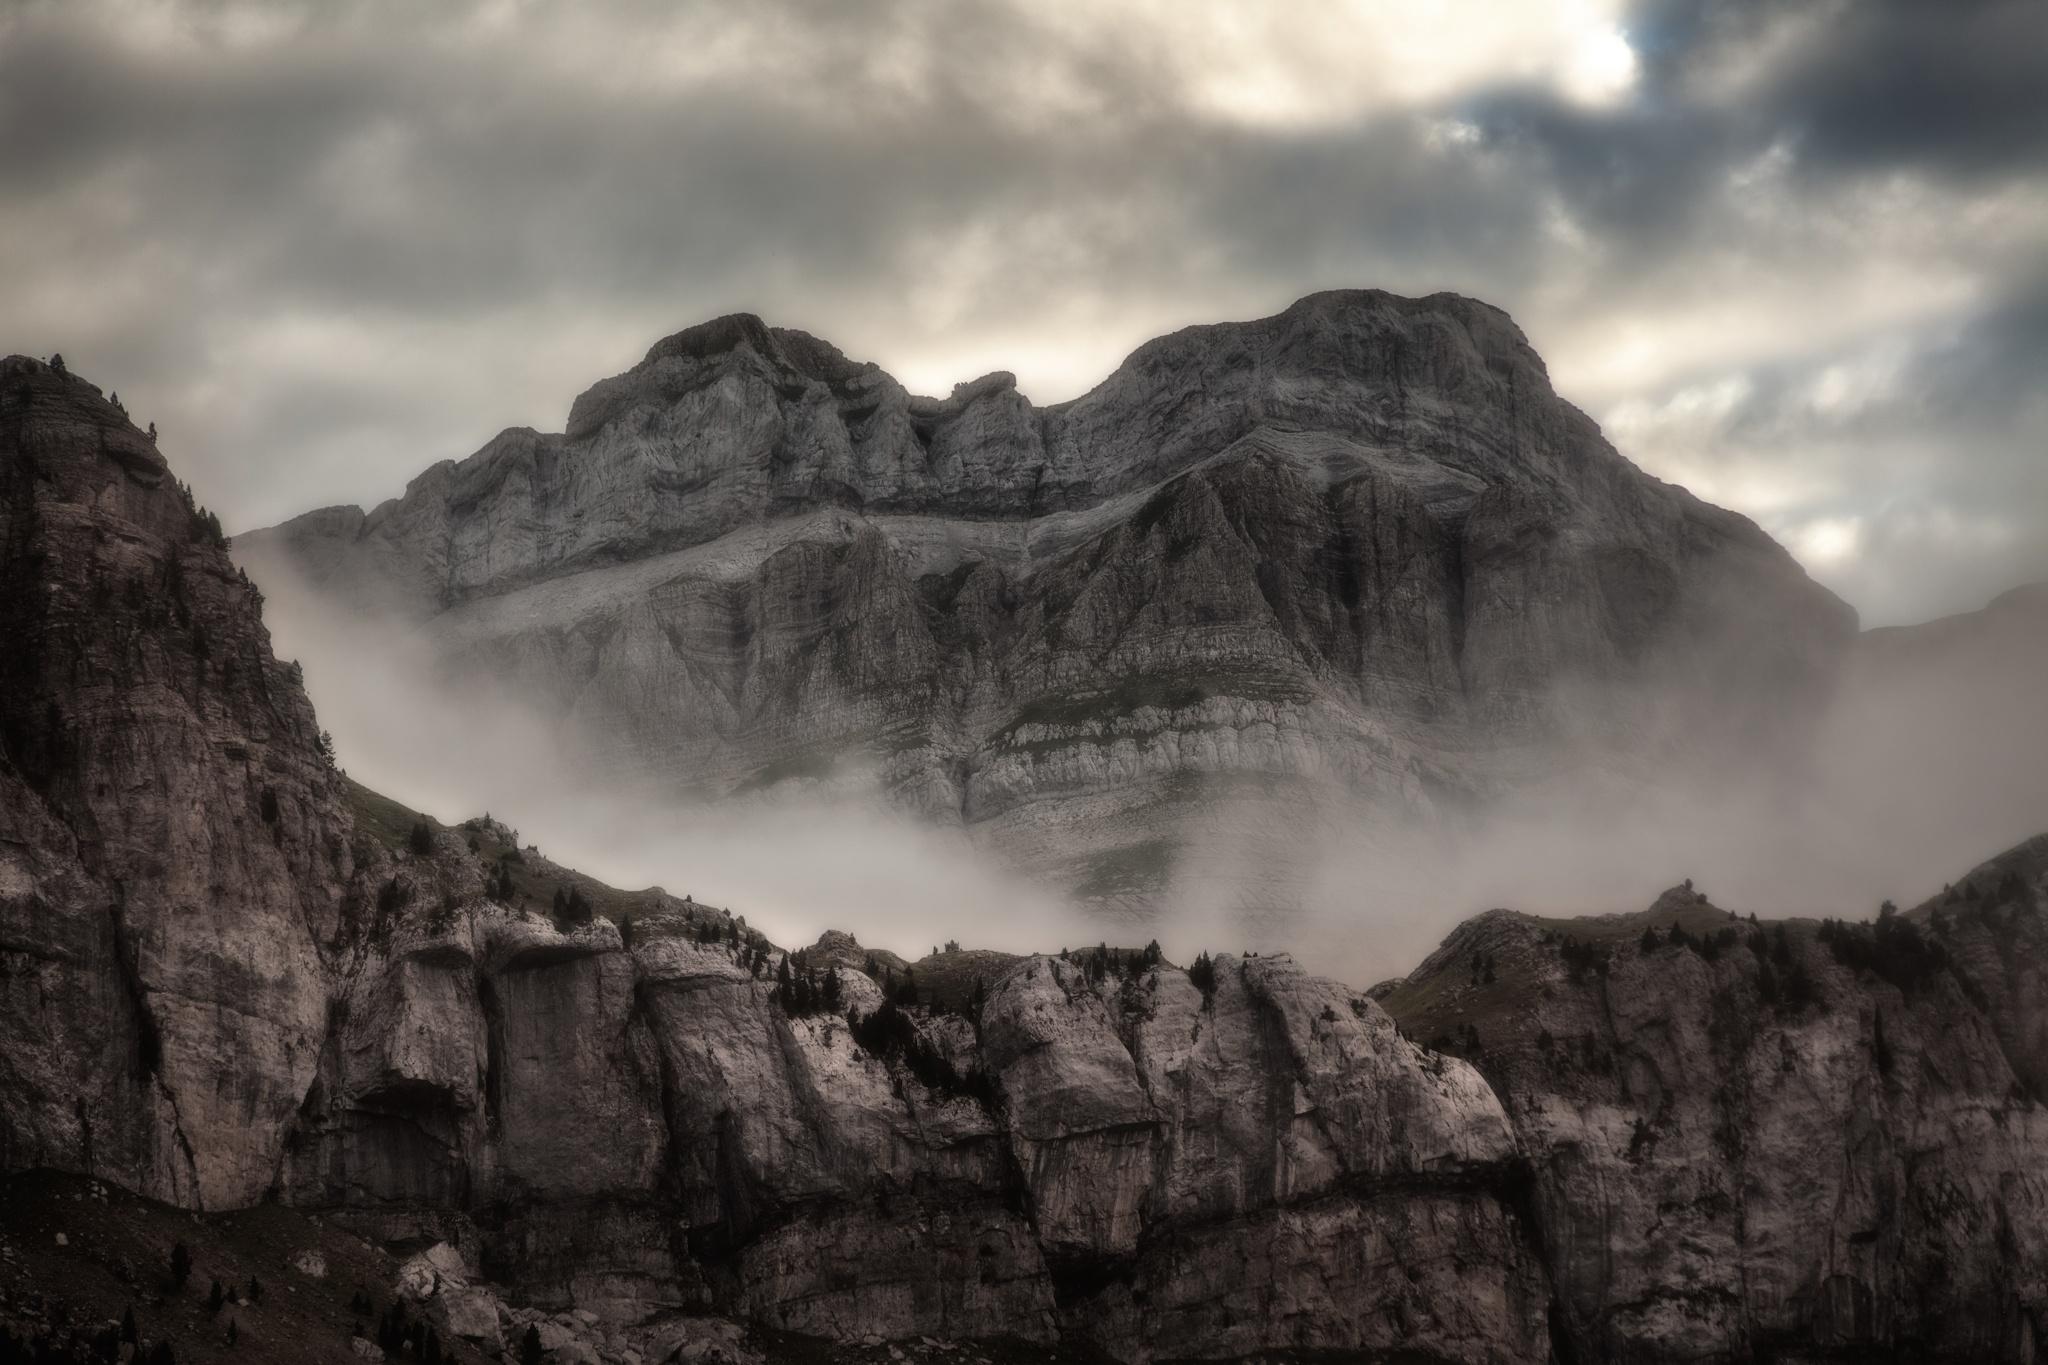 Murallas de Rioseta y Borau - Paisajes del valle - Fotos del Valle del Aragón, Mikel Besga